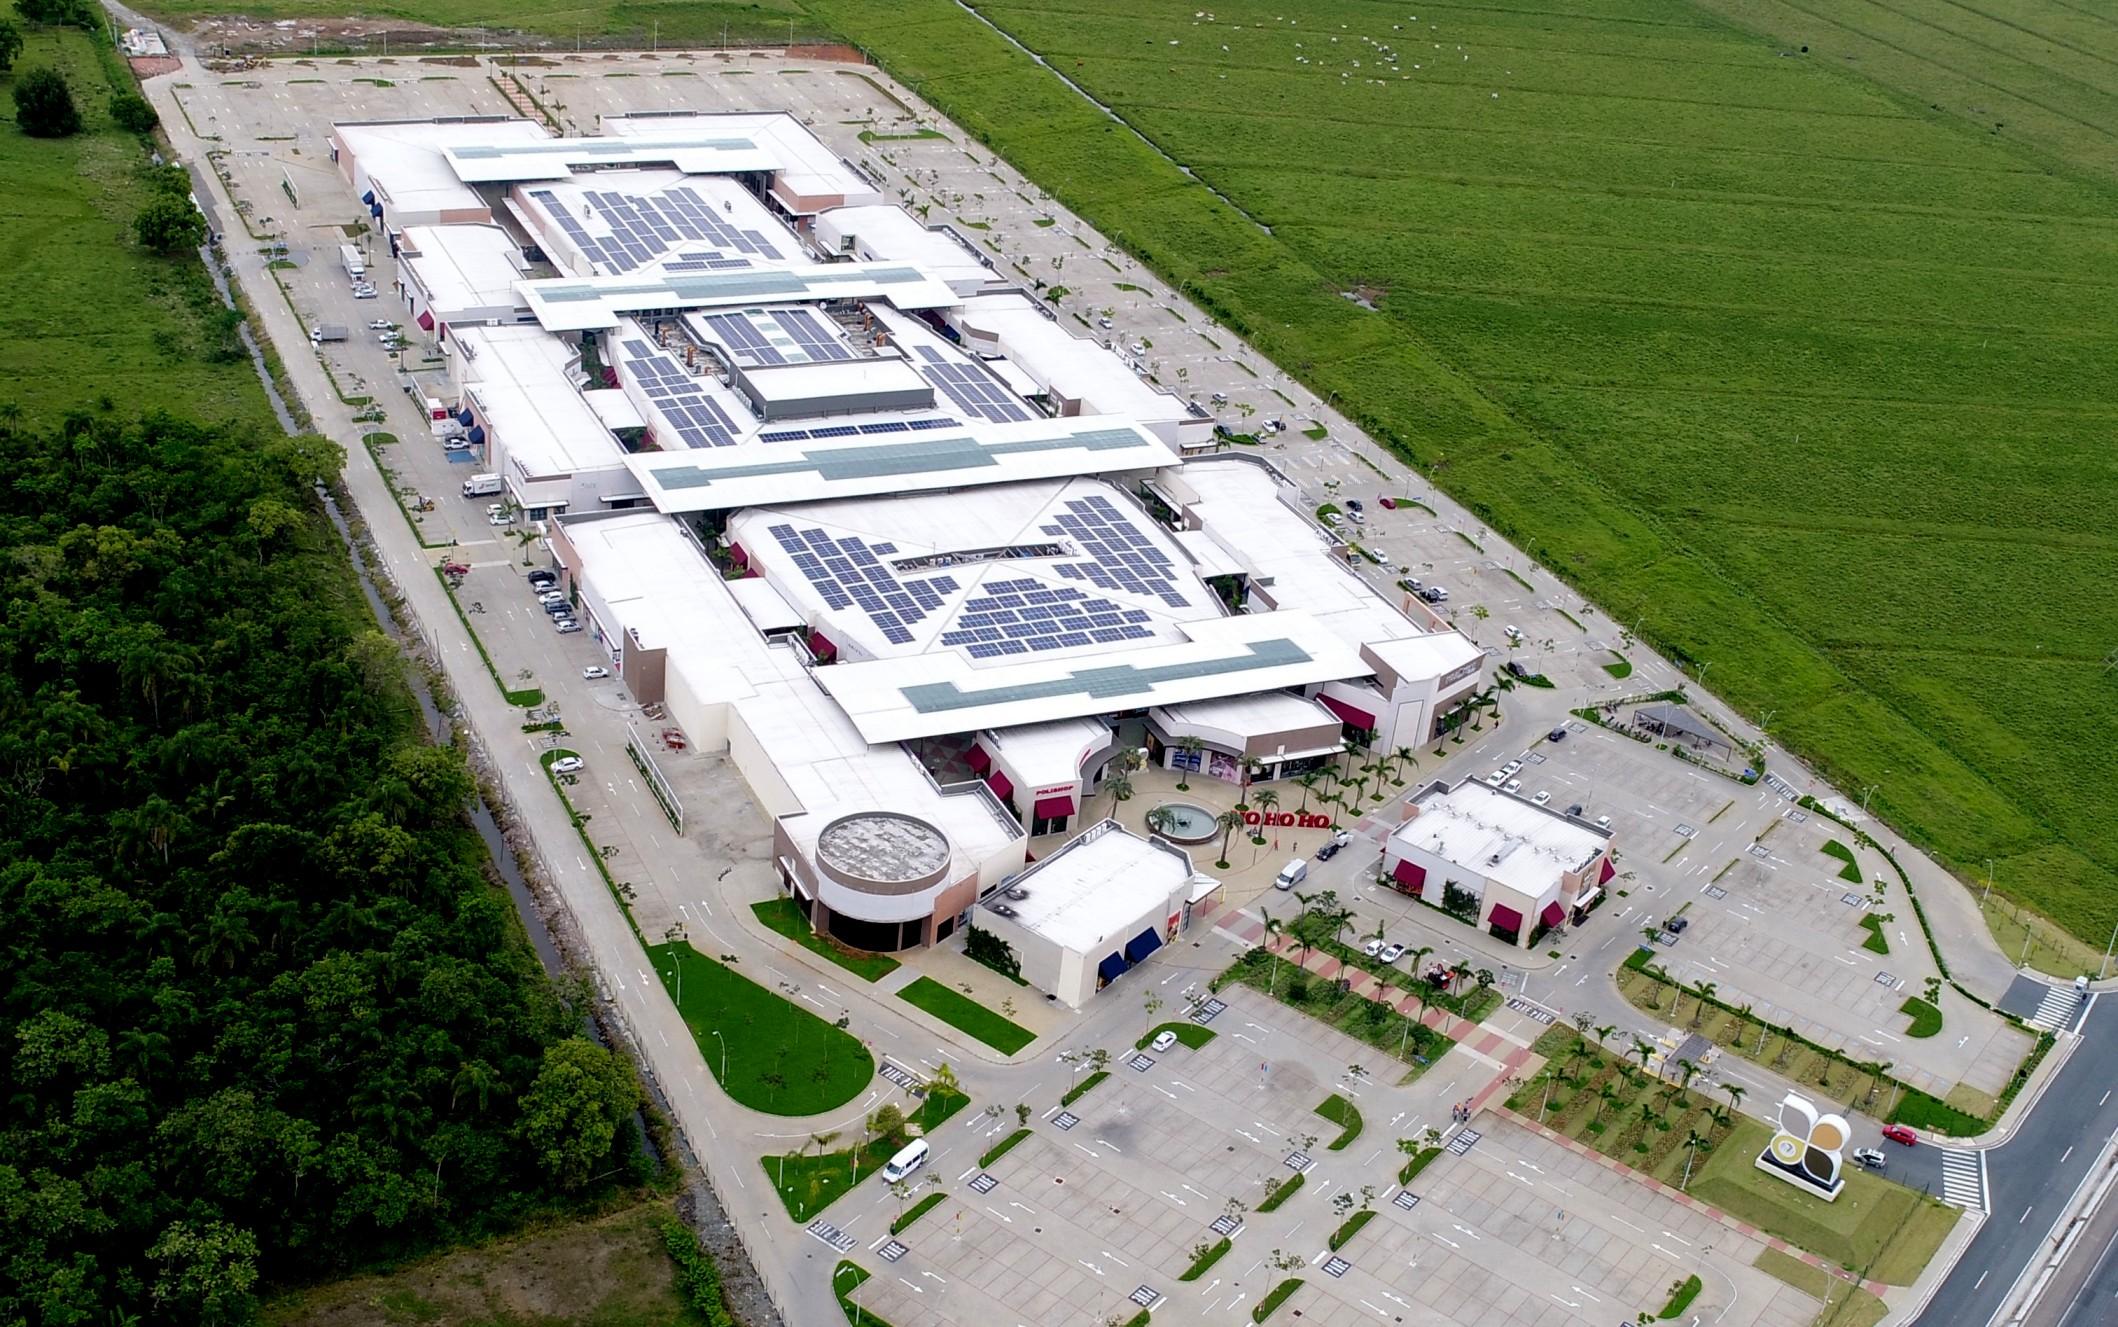 Uso de energia solar completa dois anos no Porto Belo Outlet e evita emissão de 204 toneladas de gás carbônico